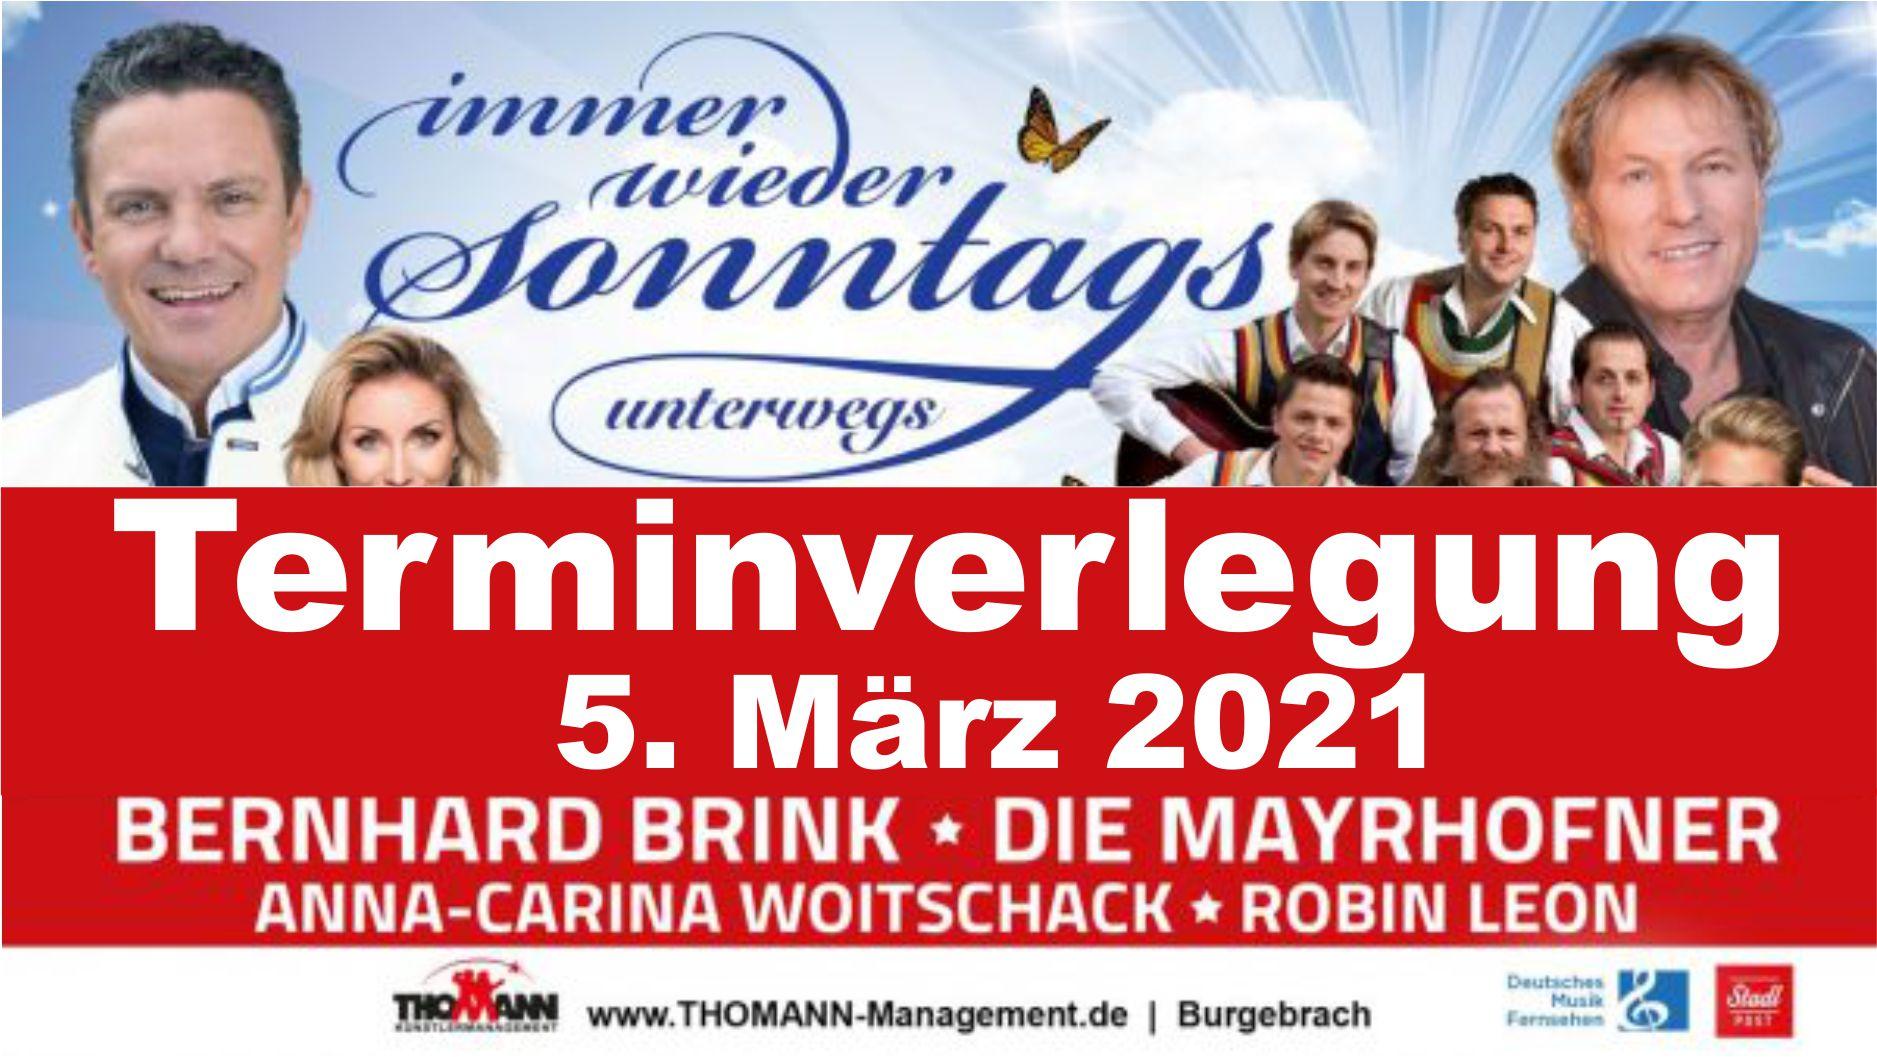 """Banner zur Tour """"immer wieder Sonntags"""" unterwegs mit Hinweis """"Terminverlegung 5. März 2021"""""""